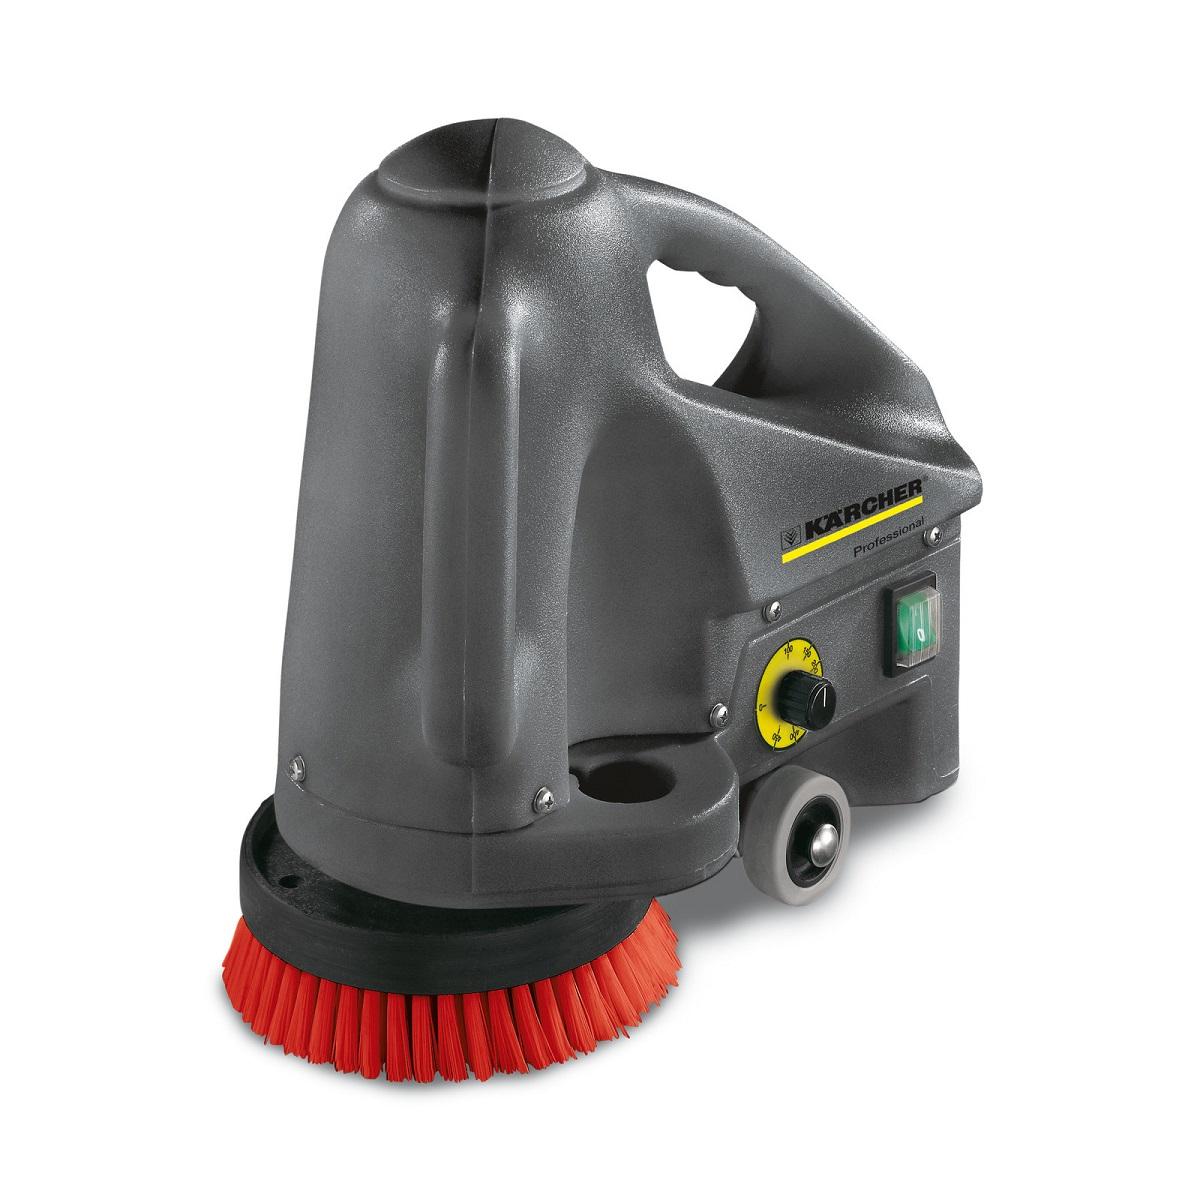 床洗浄機 ケルヒャー BD17/5C 業務用 ハンディースクラバー